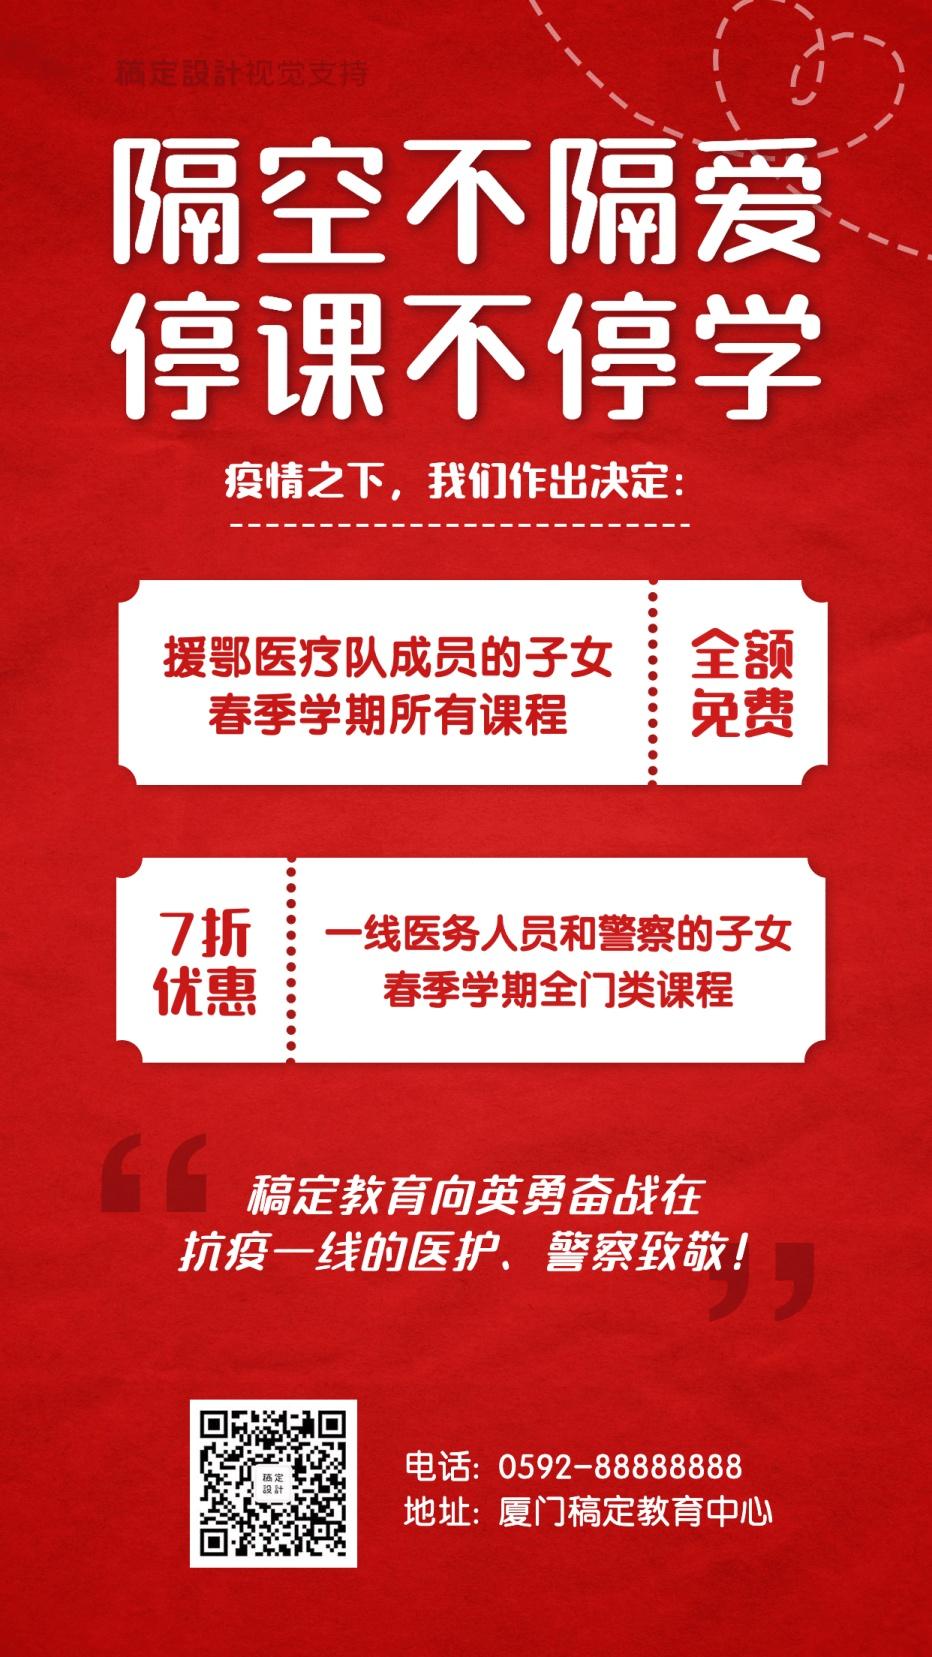 免费学习公益课程宣传海报